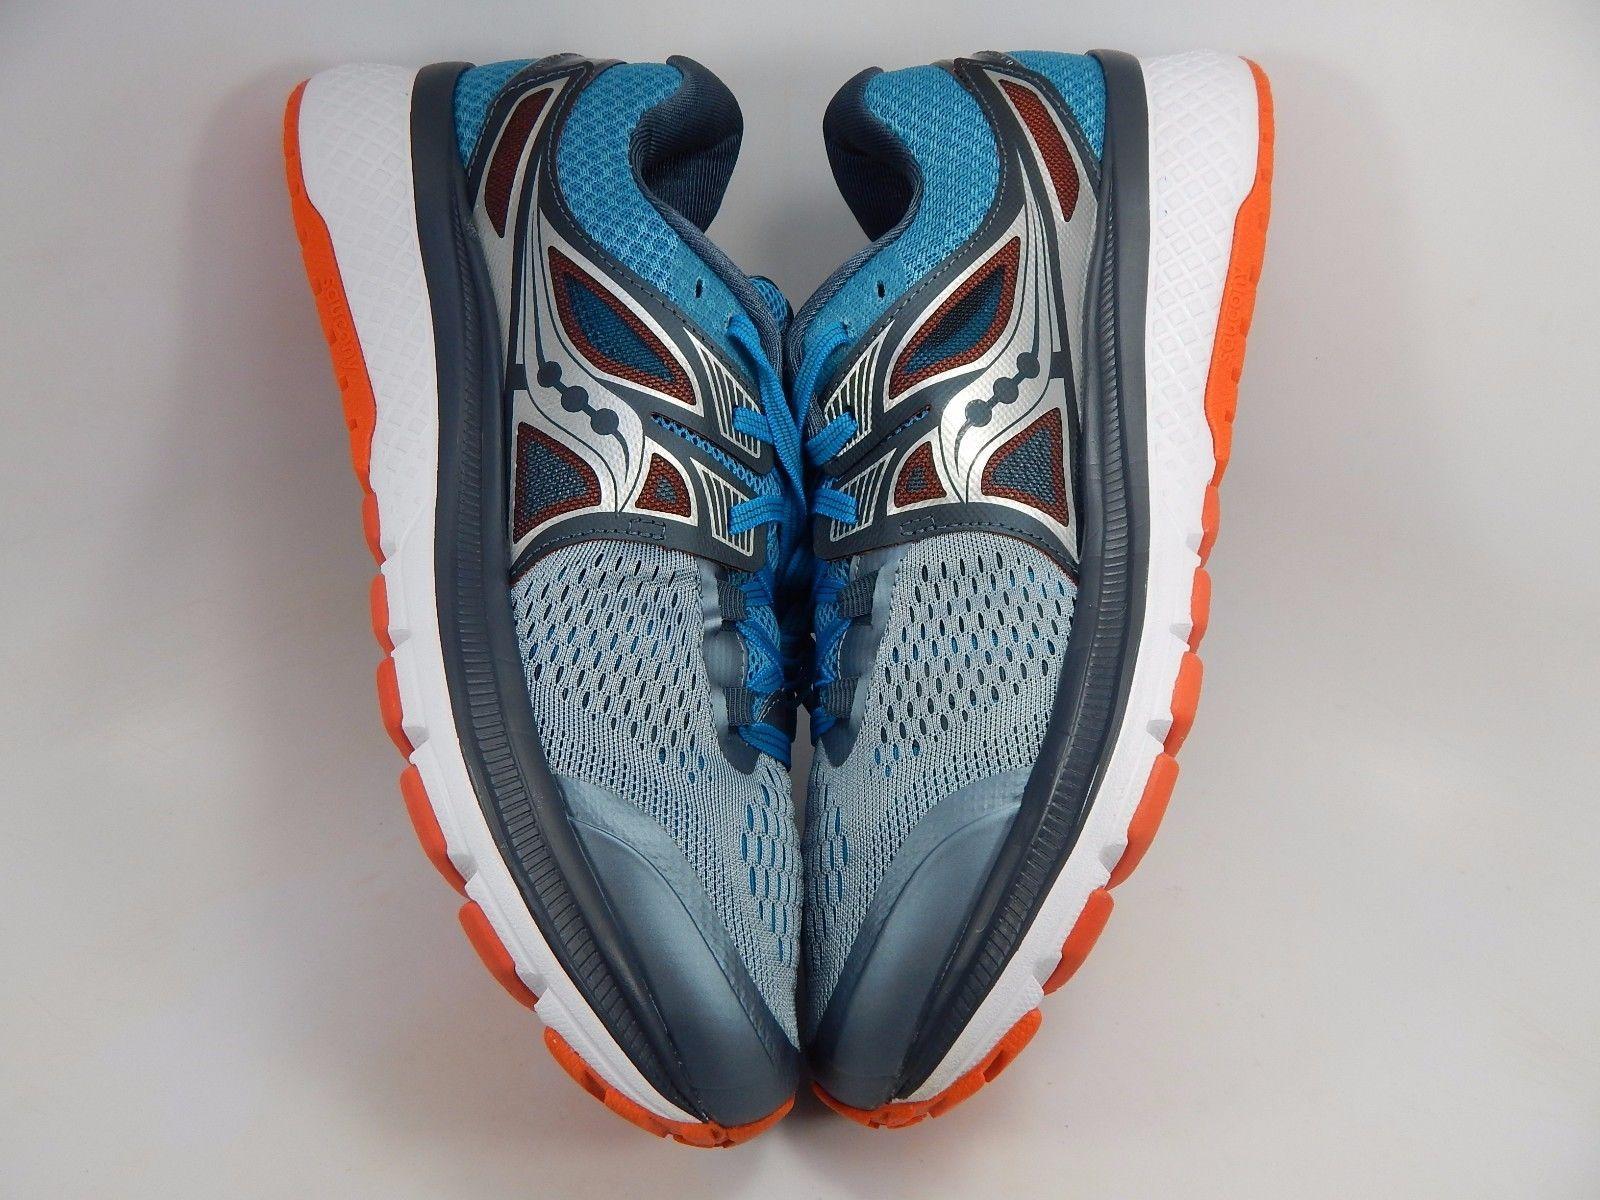 Saucony Triumph ISO 3 Men's Running Shoes Sz US 11.5 M (D) EU 46 Blue S20346-2